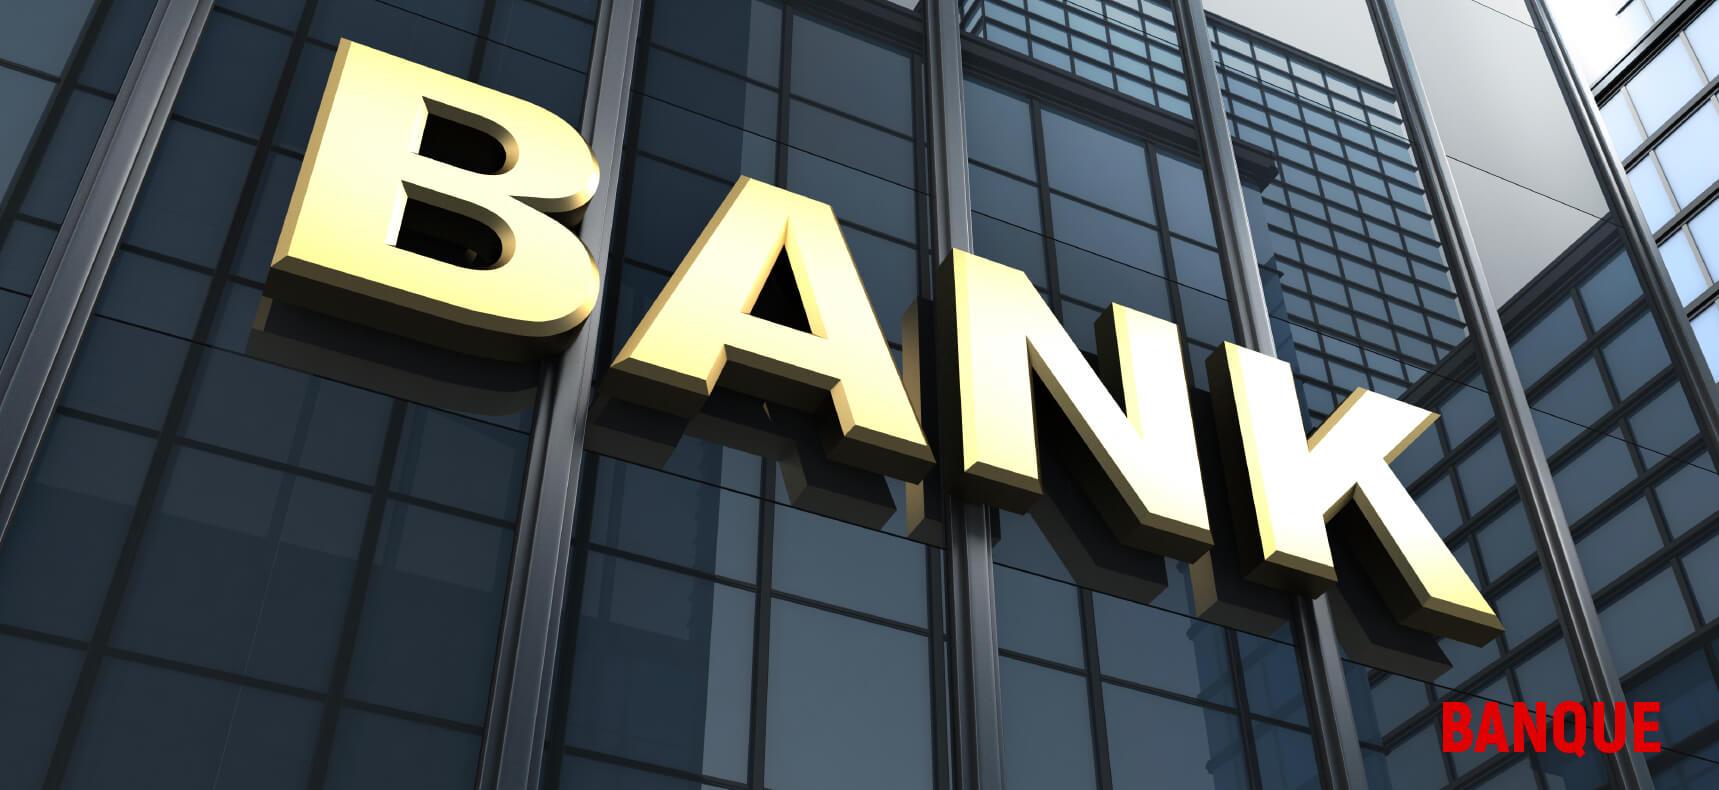 les banques en france